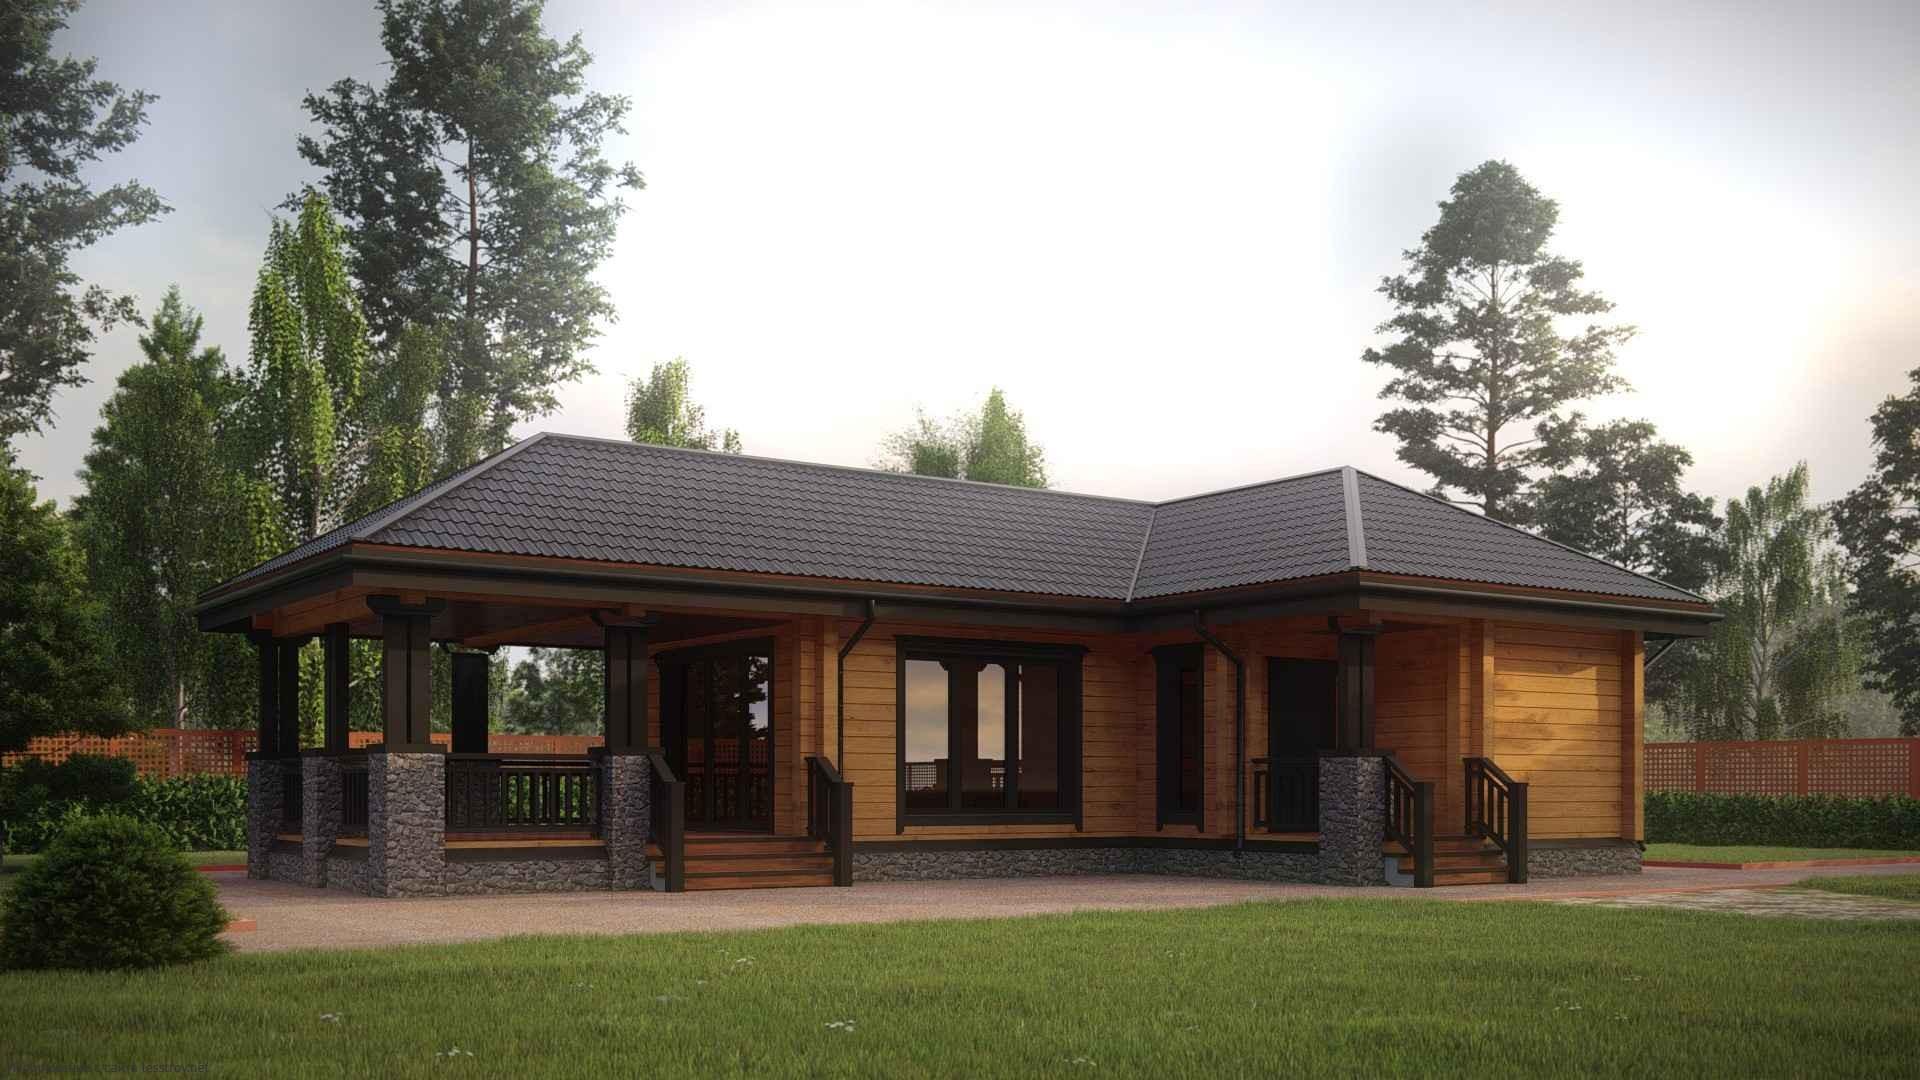 Жилой дом с комплектацией под ключ в Москве: проекты для строительства с фото и ценами — Лесстрой